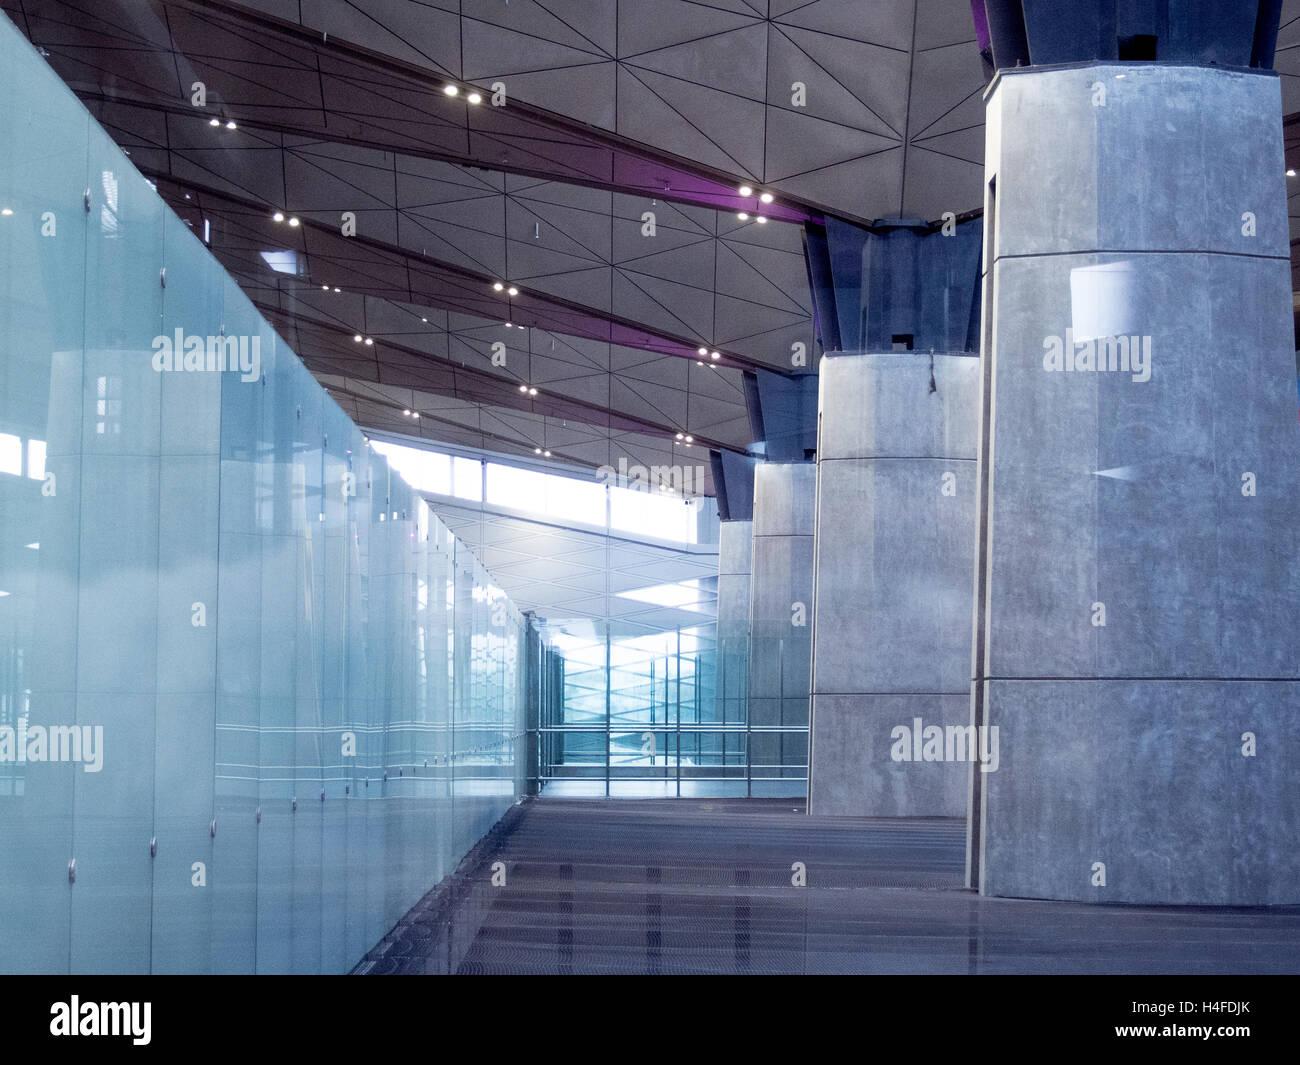 Beton In Interieur : Office building lobby oder flughafen hintergrund modernes